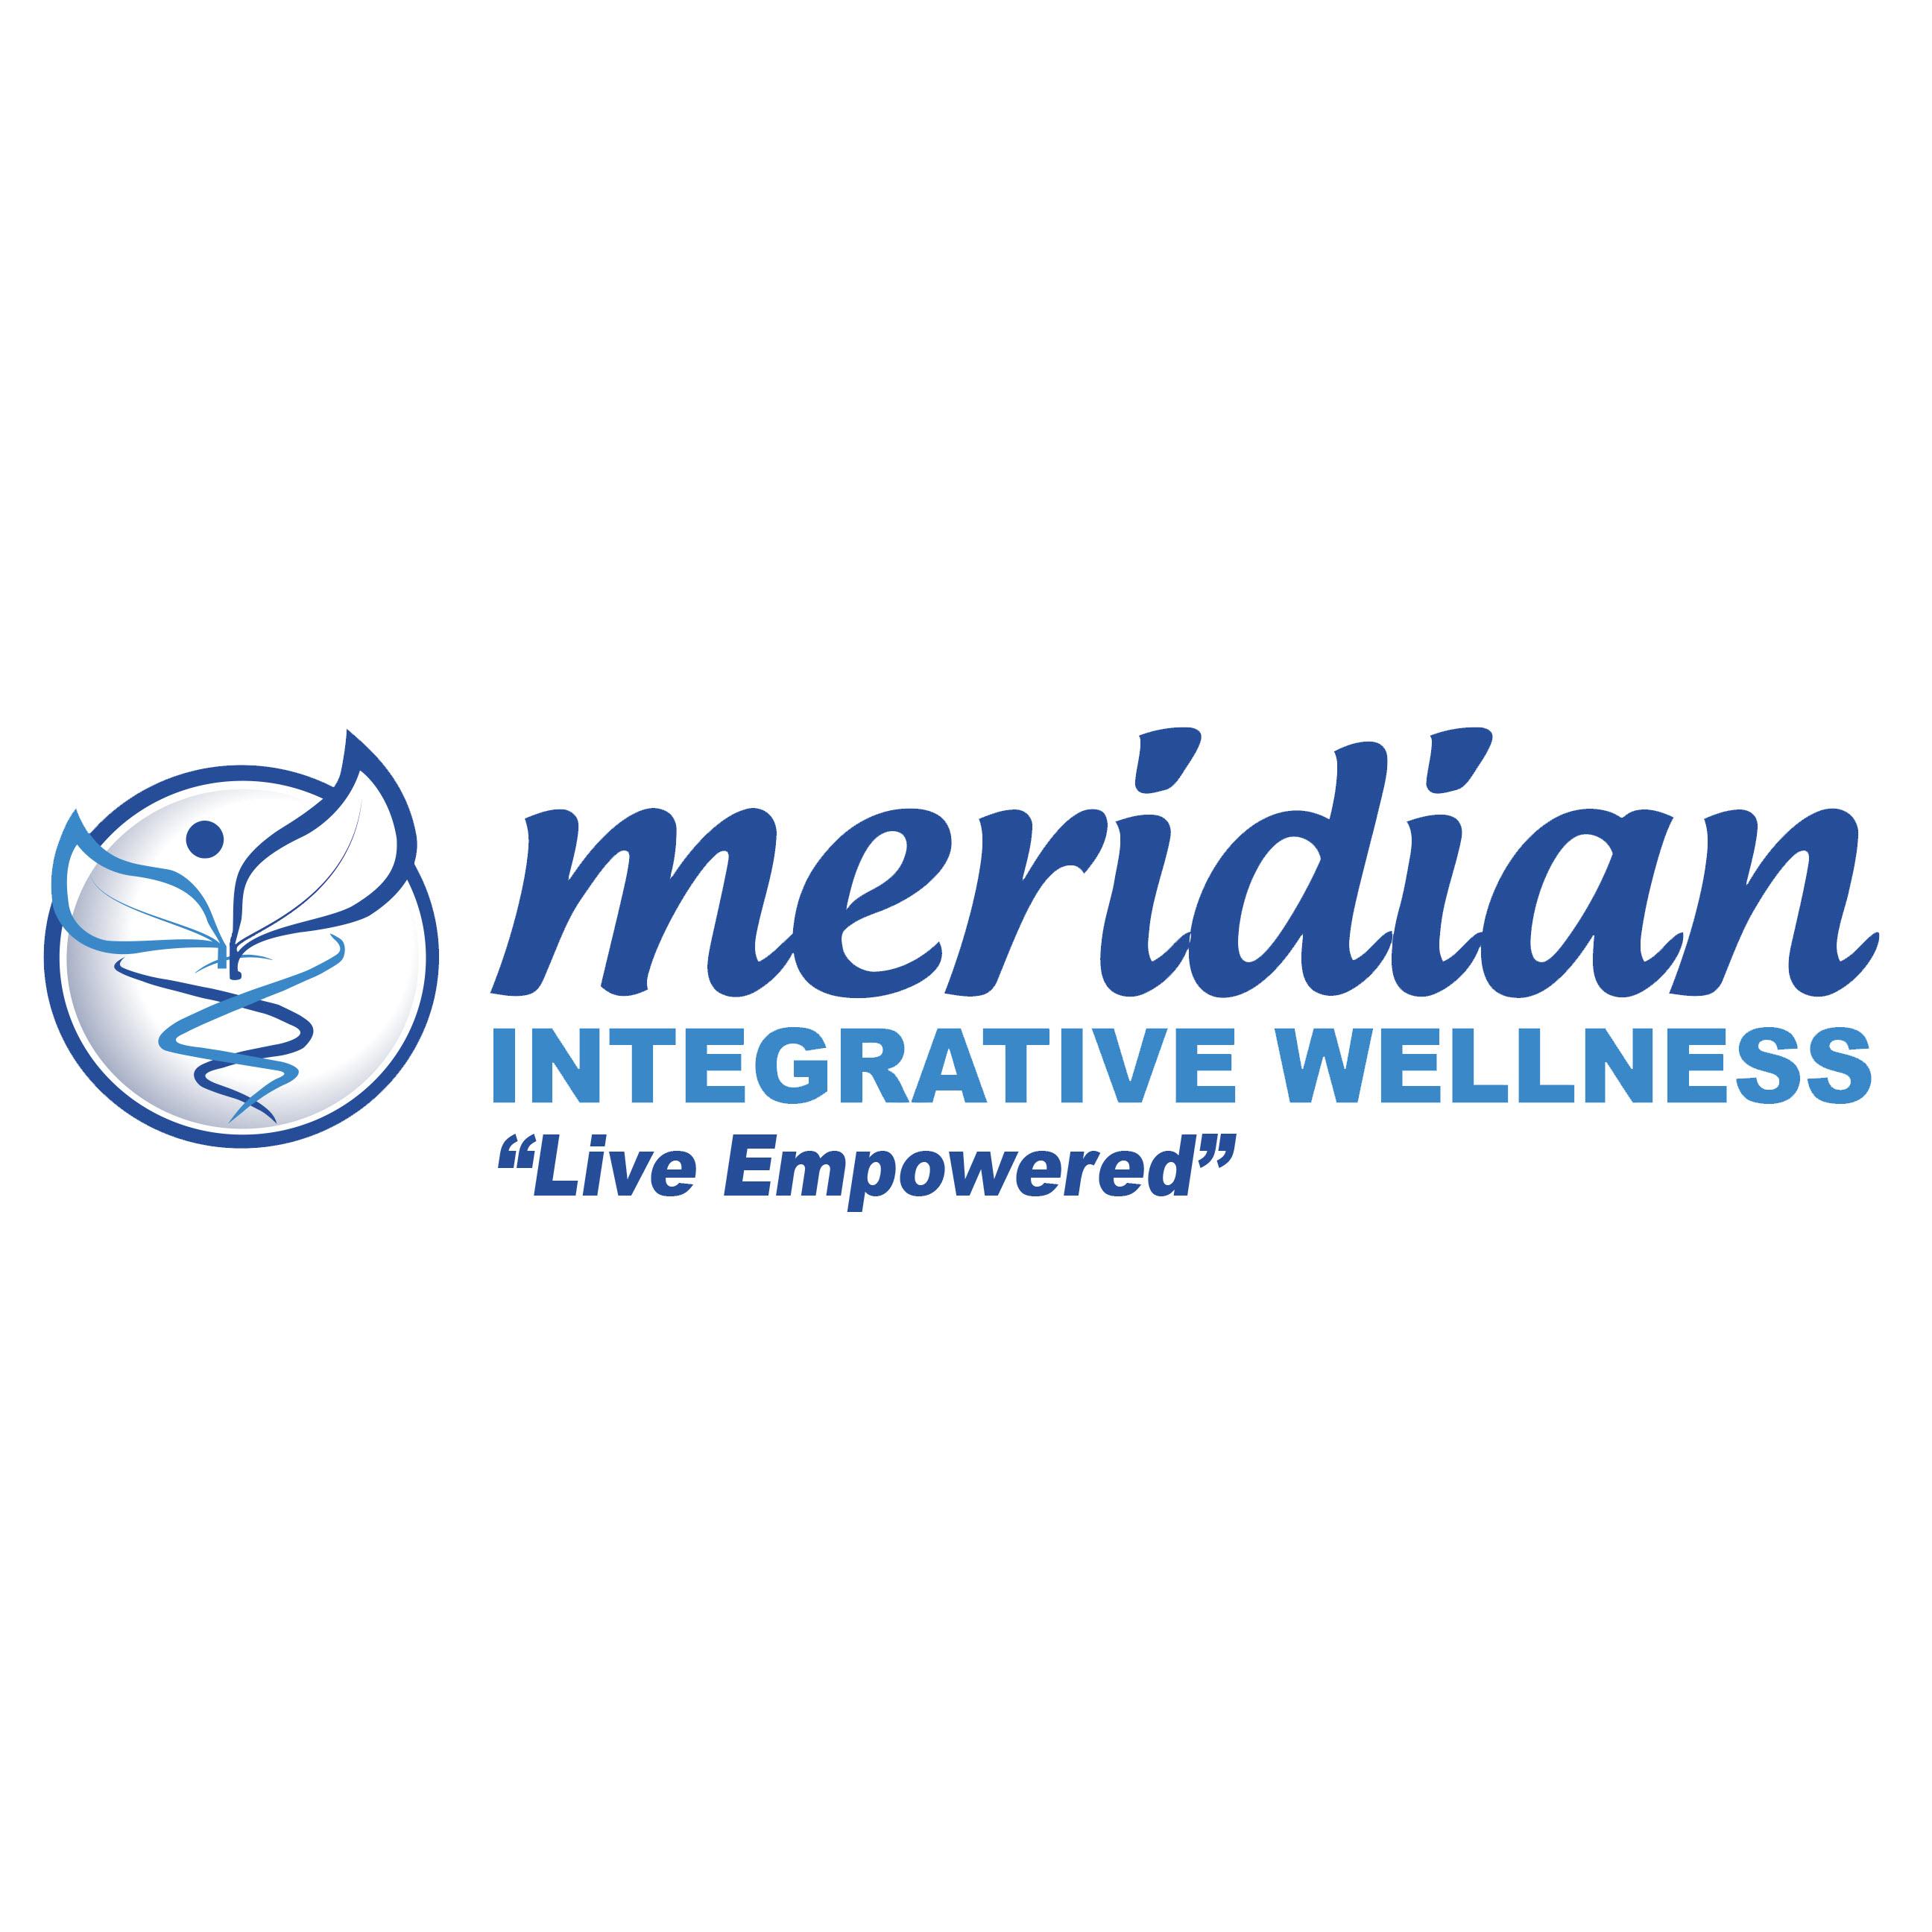 Meridian Integrative Wellness - Jacksonville, FL - Chiropractors